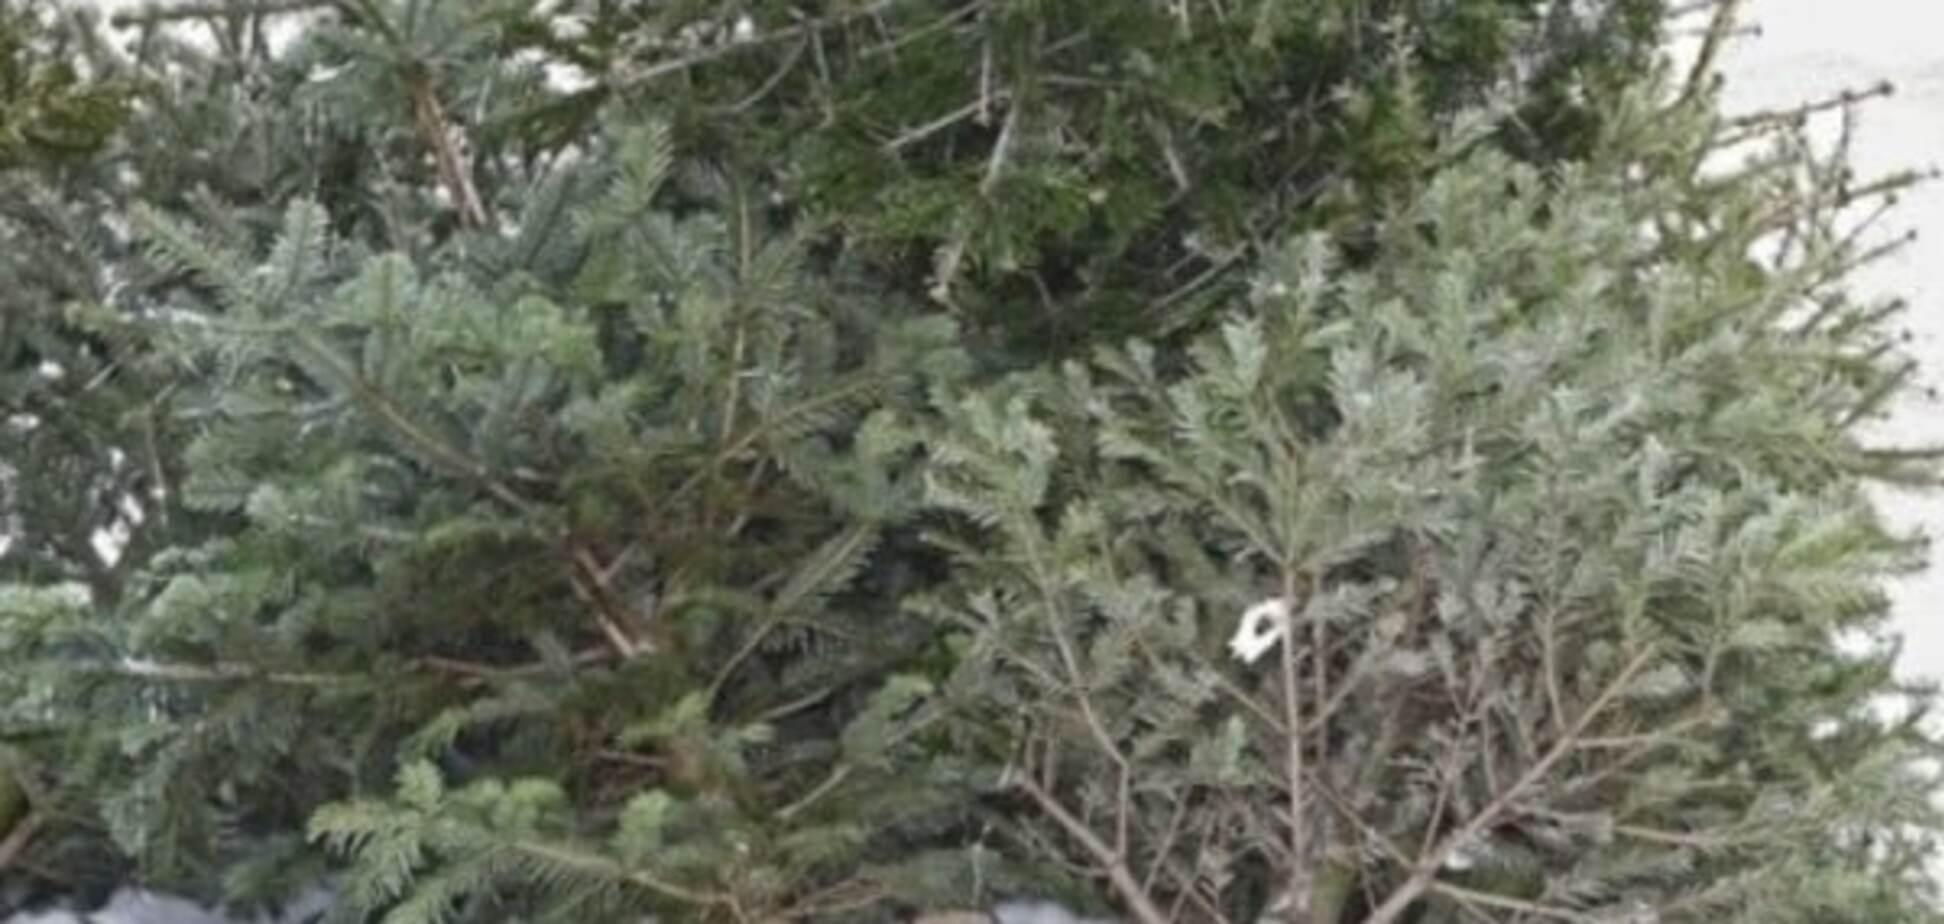 Как животным: на Донбассе призывают 'скармливать' елки террористам